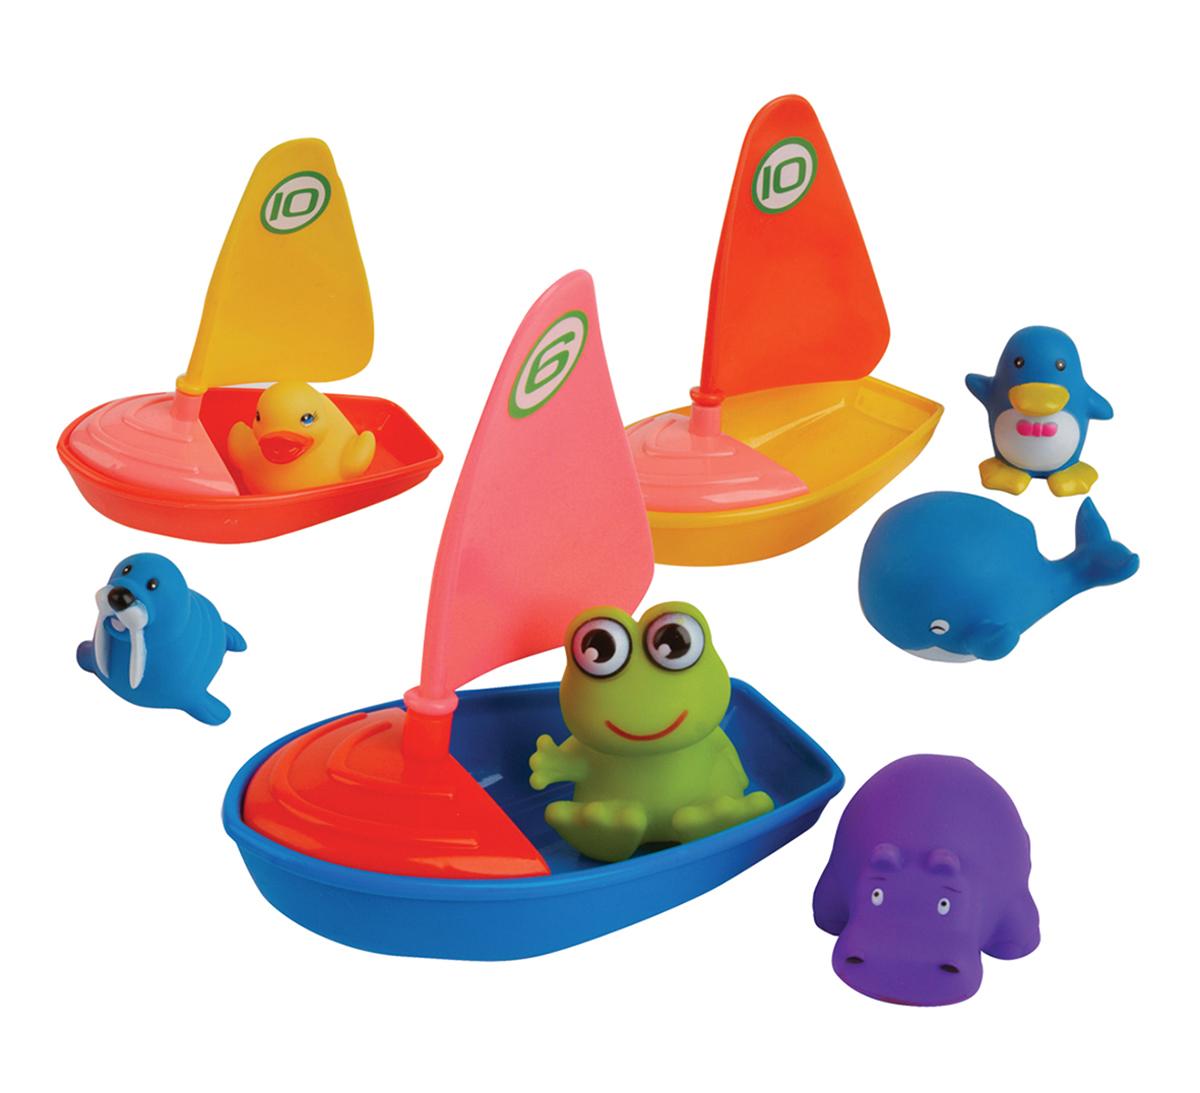 Курносики Набор игрушек для ванной Удивительная регата 3 шт набор игрушек для ванной удивительная регата